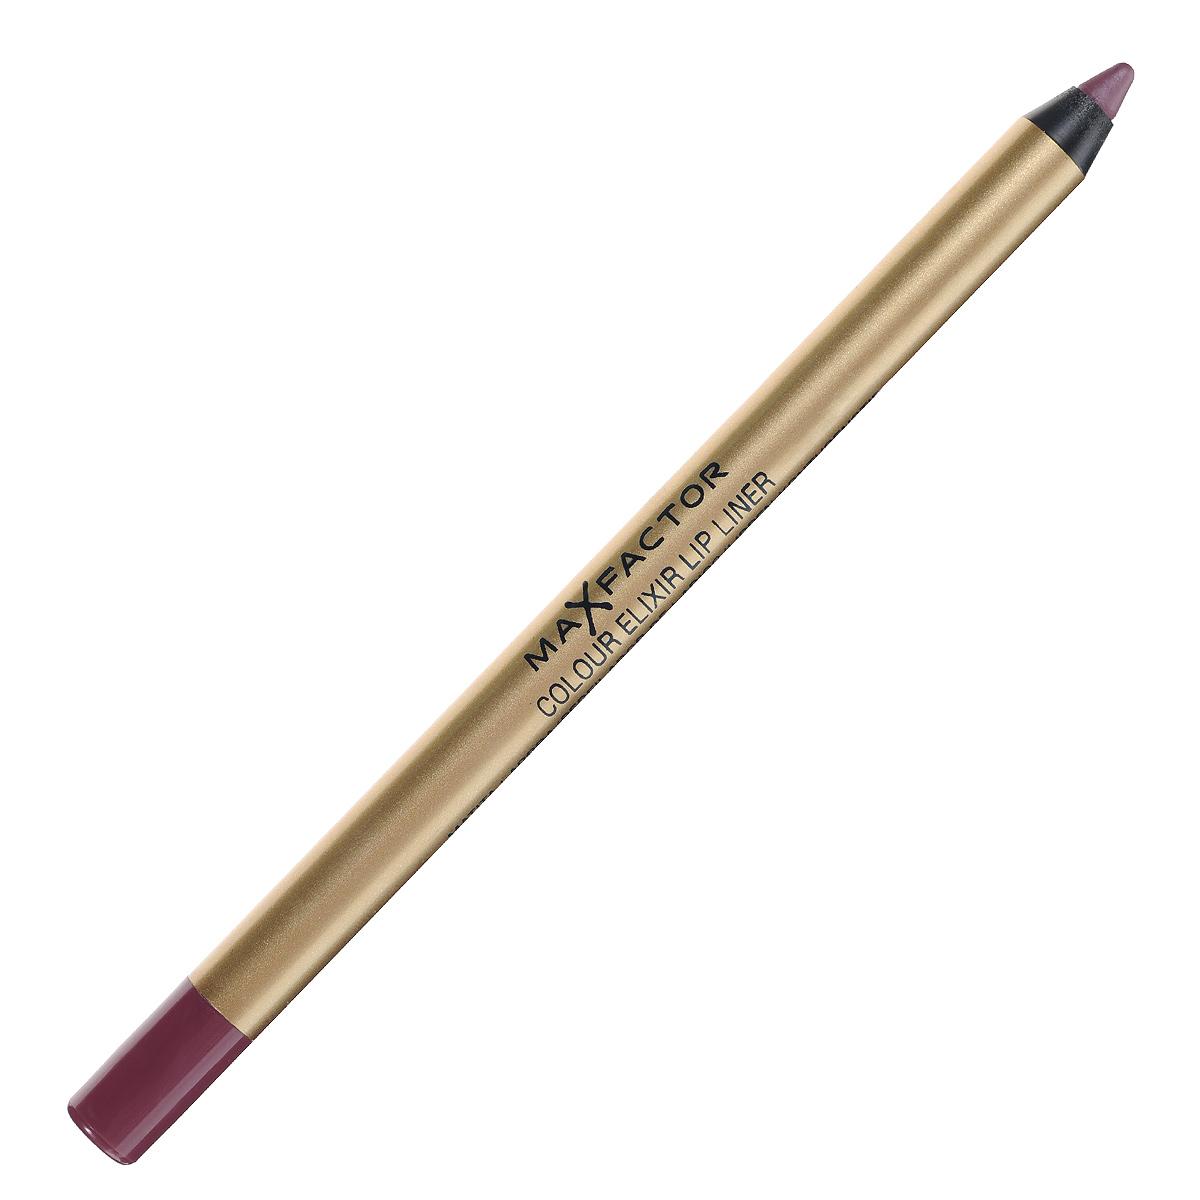 Max Factor Карандаш для губ Colour Elixir Lip Liner, тон №06 mauve moment, цвет: лиловый81440170Секрет эффектного макияжа губ - правильный карандаш. Он мягко касается губ и рисует точную линию, подчеркивая контур и одновременно ухаживая за губами. Карандаш для губ Colour Elixir подчеркивает твои губы, придавая им форму. - Роскошный цвет и увлажнение для мягких и гладких губ. - Оттенки подходят к палитре помады Colour Elixir. - Легко наносится.1. Выбирай карандаш на один тон темнее твоей помады 2. Наточи карандаш и смягчи кончик салфеткой 3. Подведи губы в уголках, дугу Купидона и середину нижней губы, затем соедини линии 4. Нанеси несколько легких штрихов на губы, чтобы помада держалась дольше.